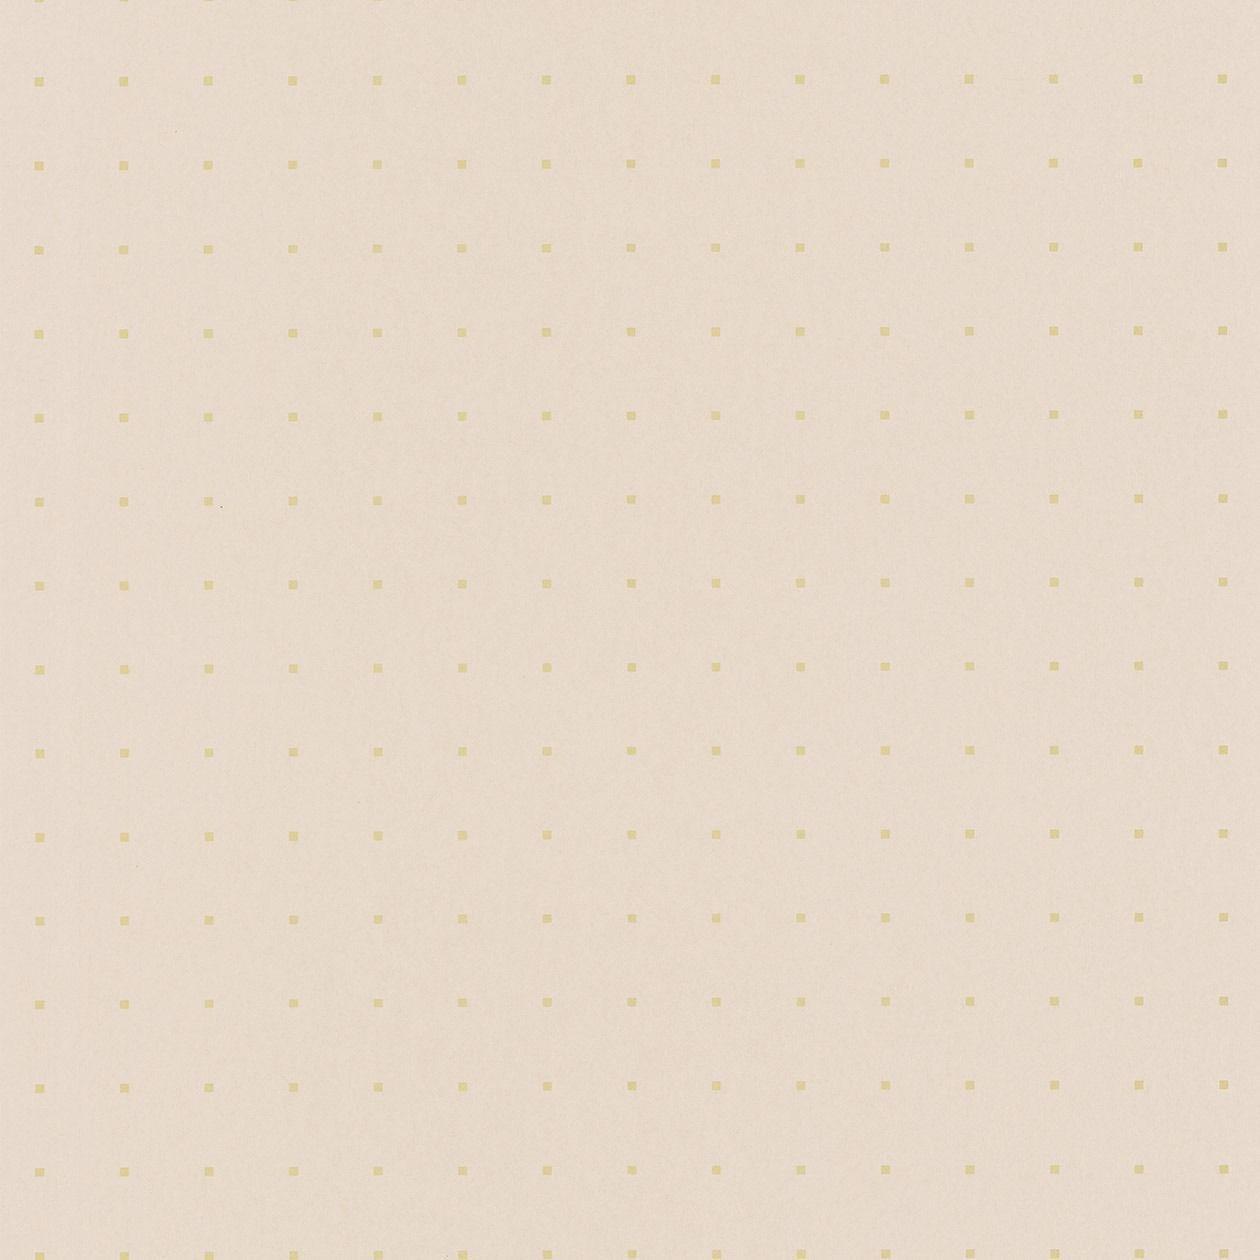 Papel pintado topos she68551127 shine de caselio papel for Papel pintado topos